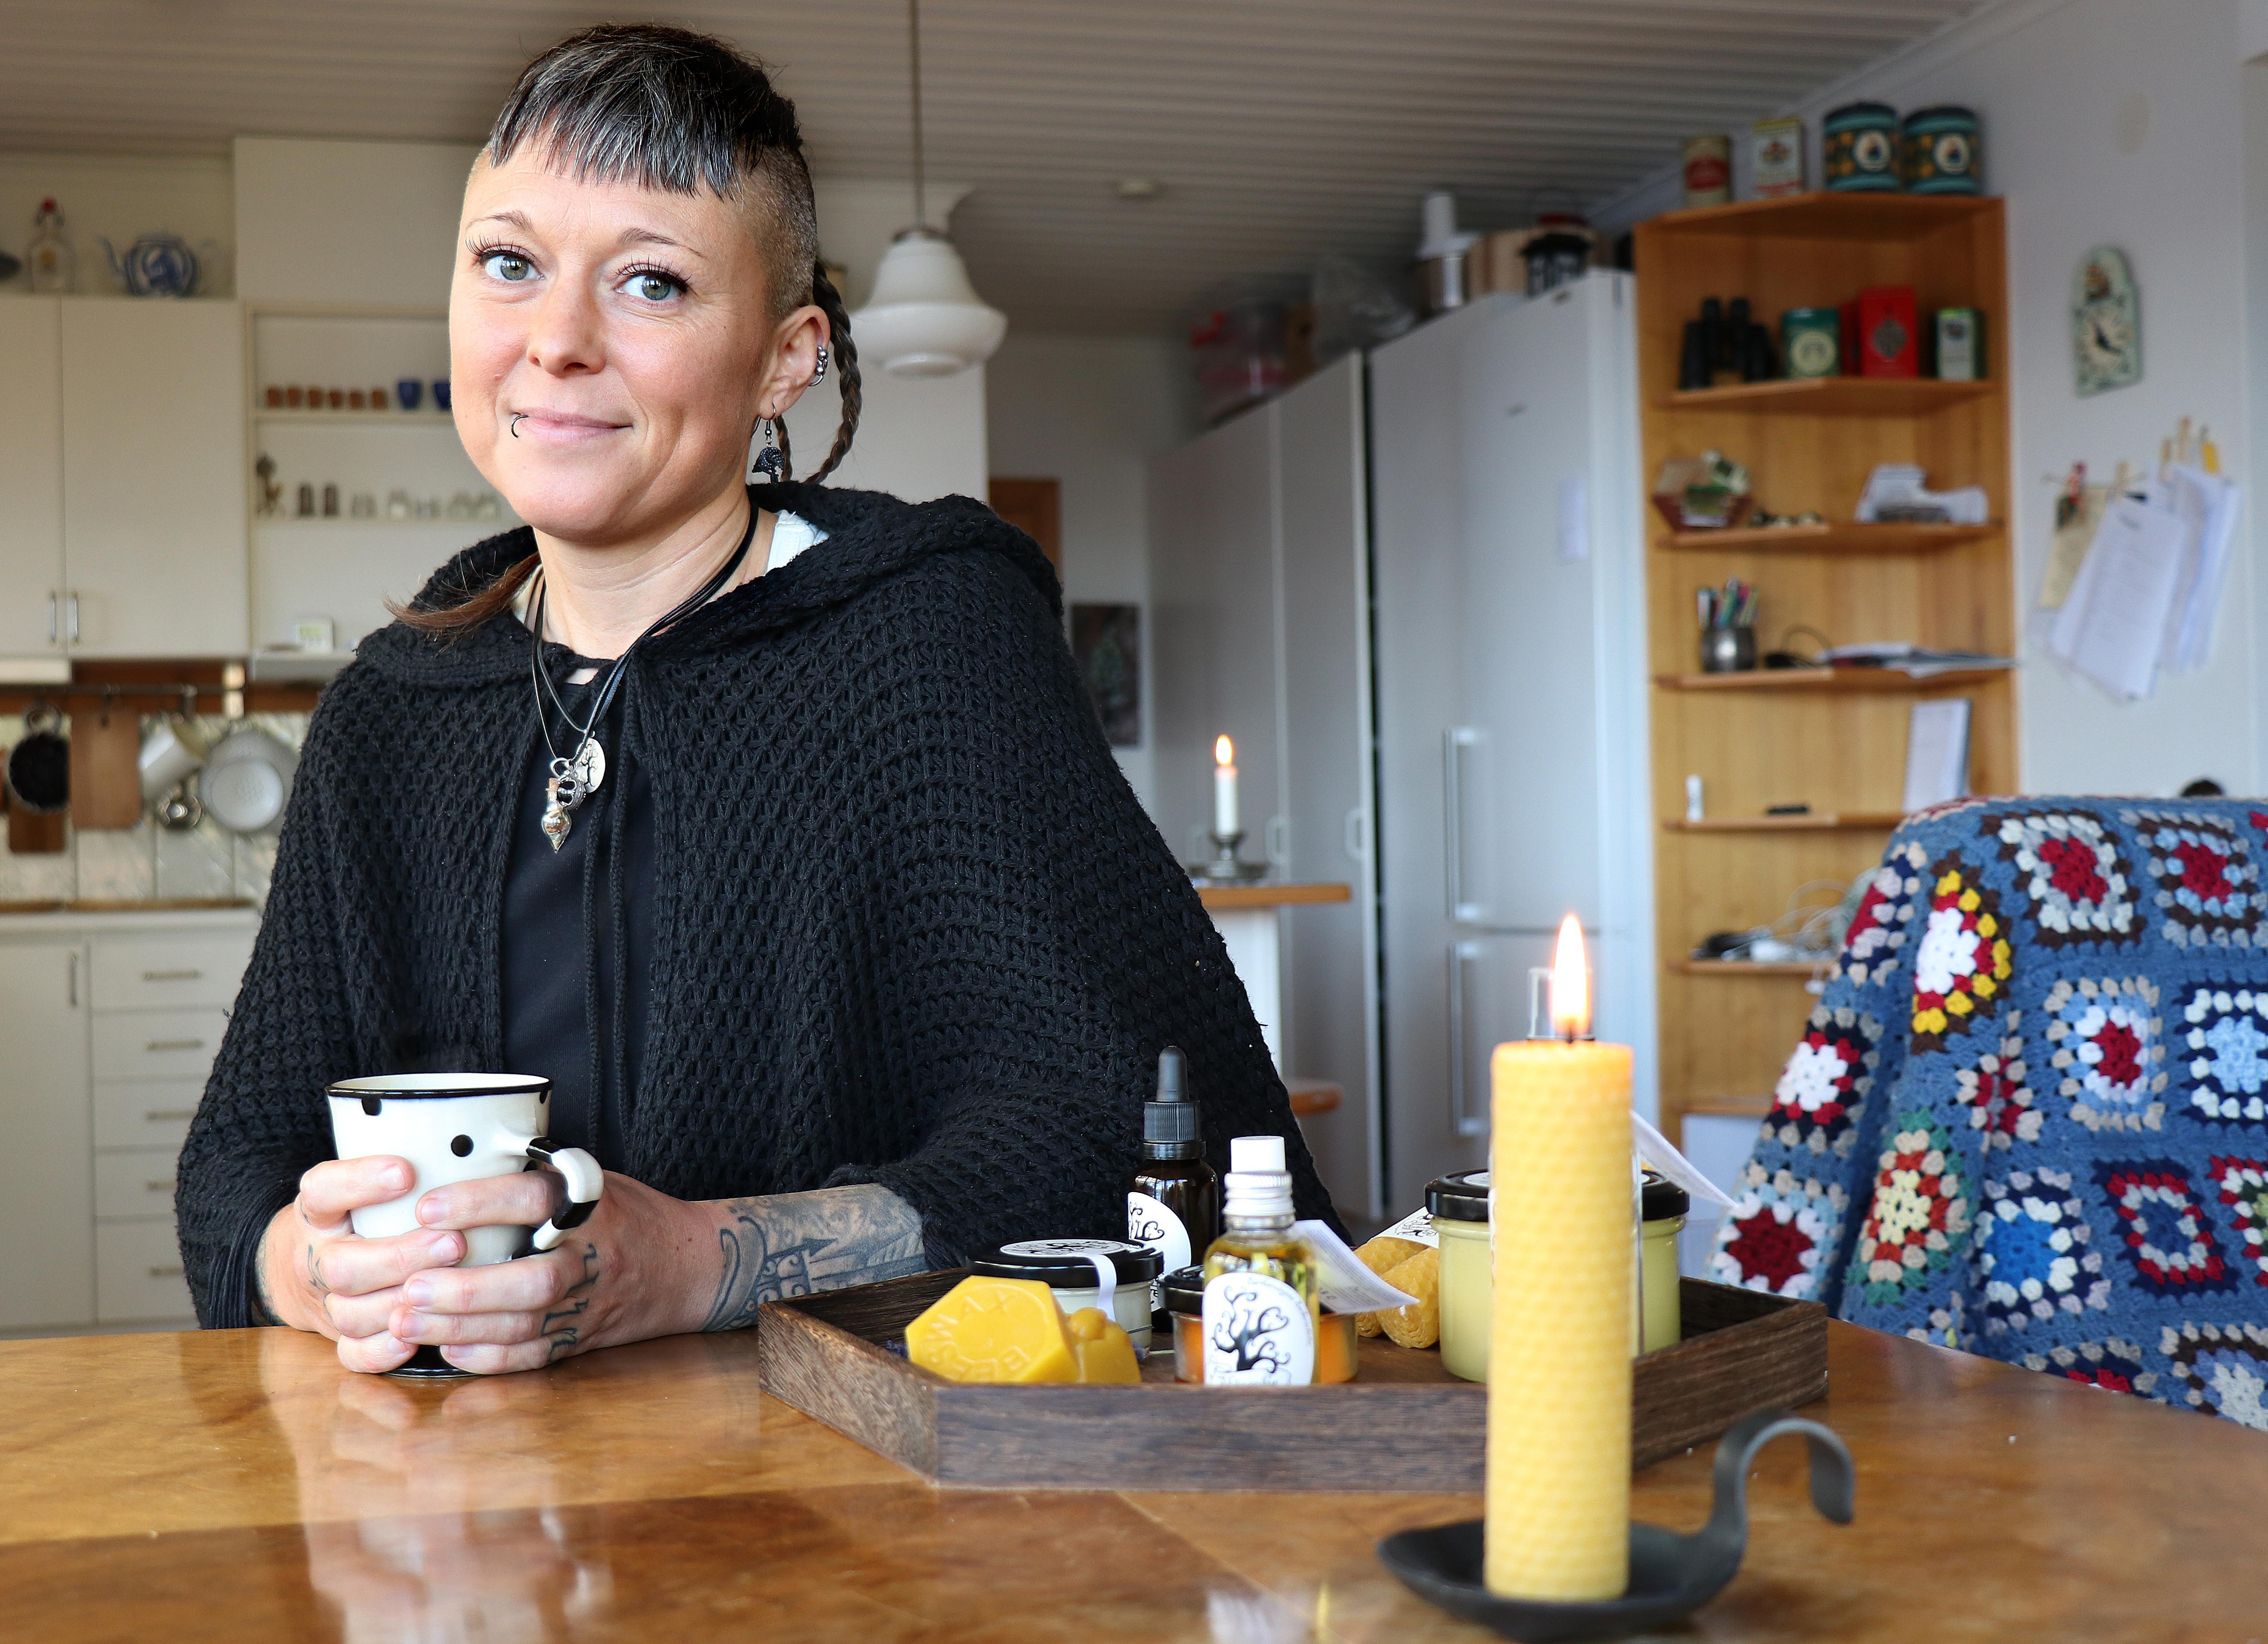 Emma Kronborg med några av sina egentillverkade hudvårdsprodukter. Hon köper in råvaror som hon tillreder, förpackar och etiketterar själv.